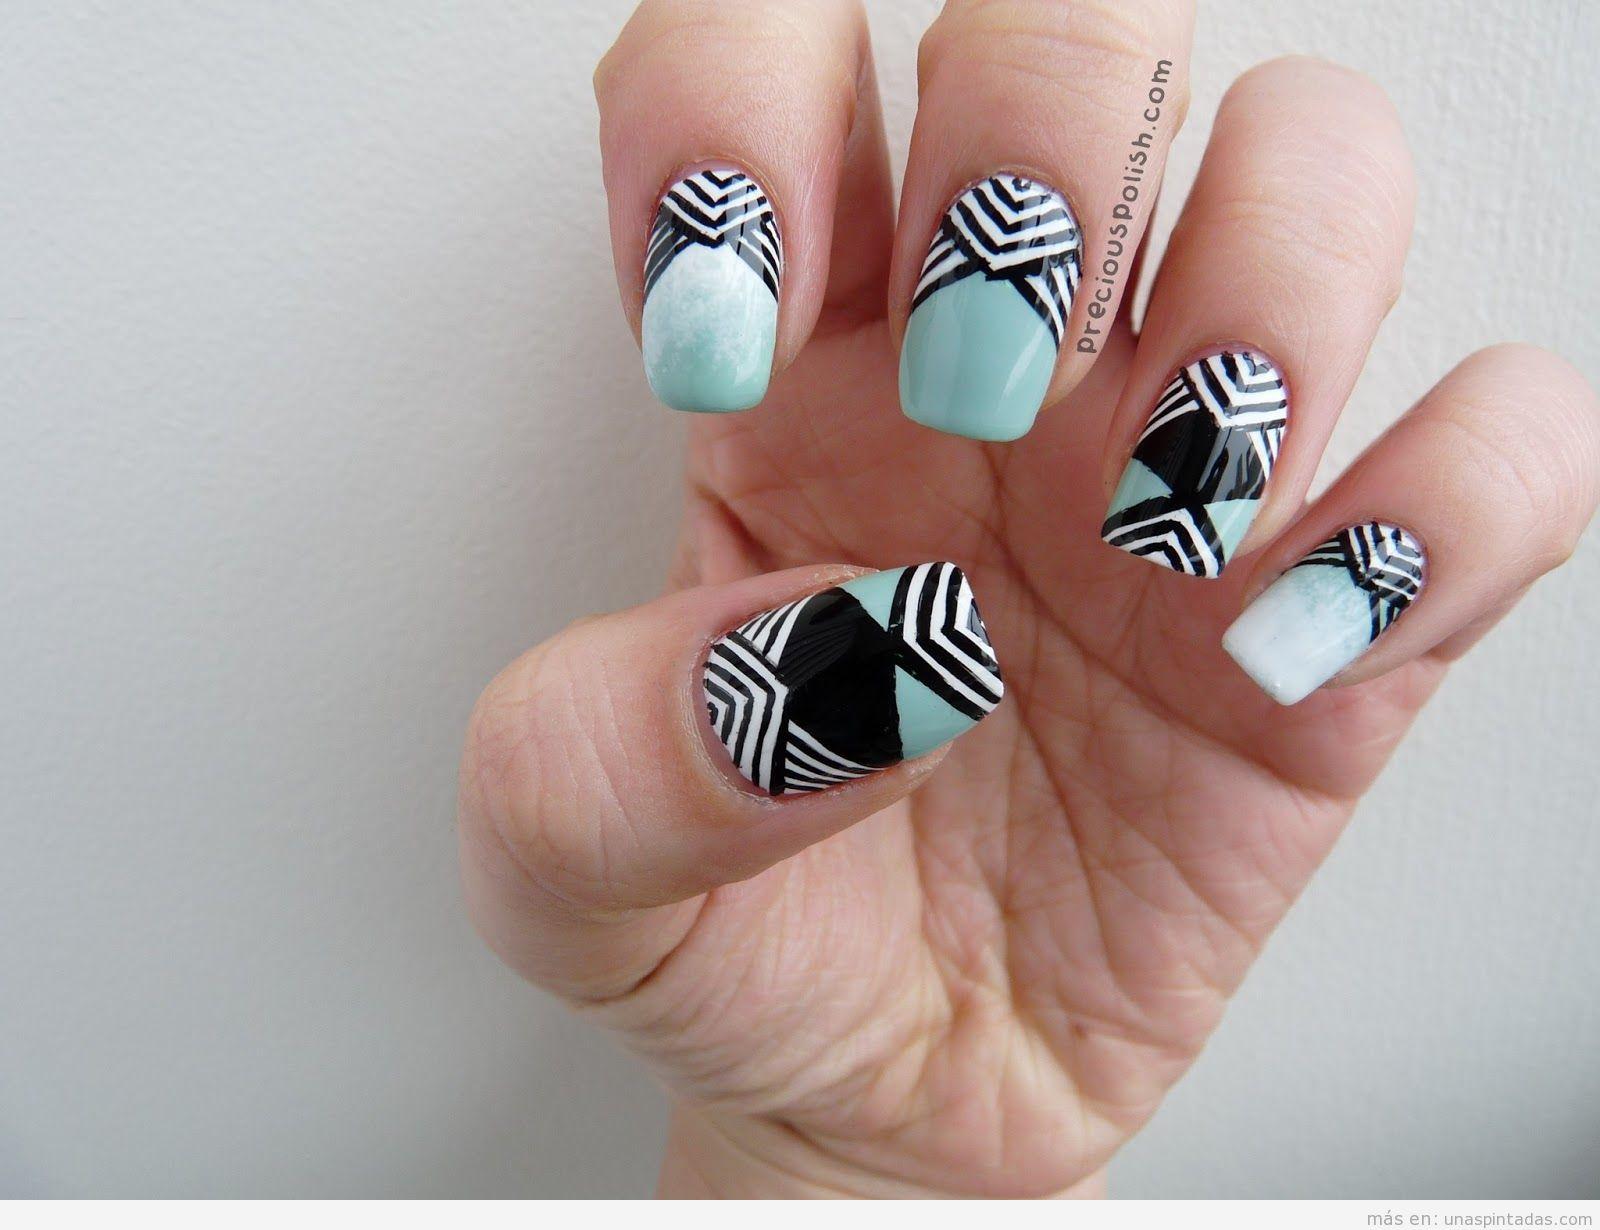 Diseño uñas estampado geométrico